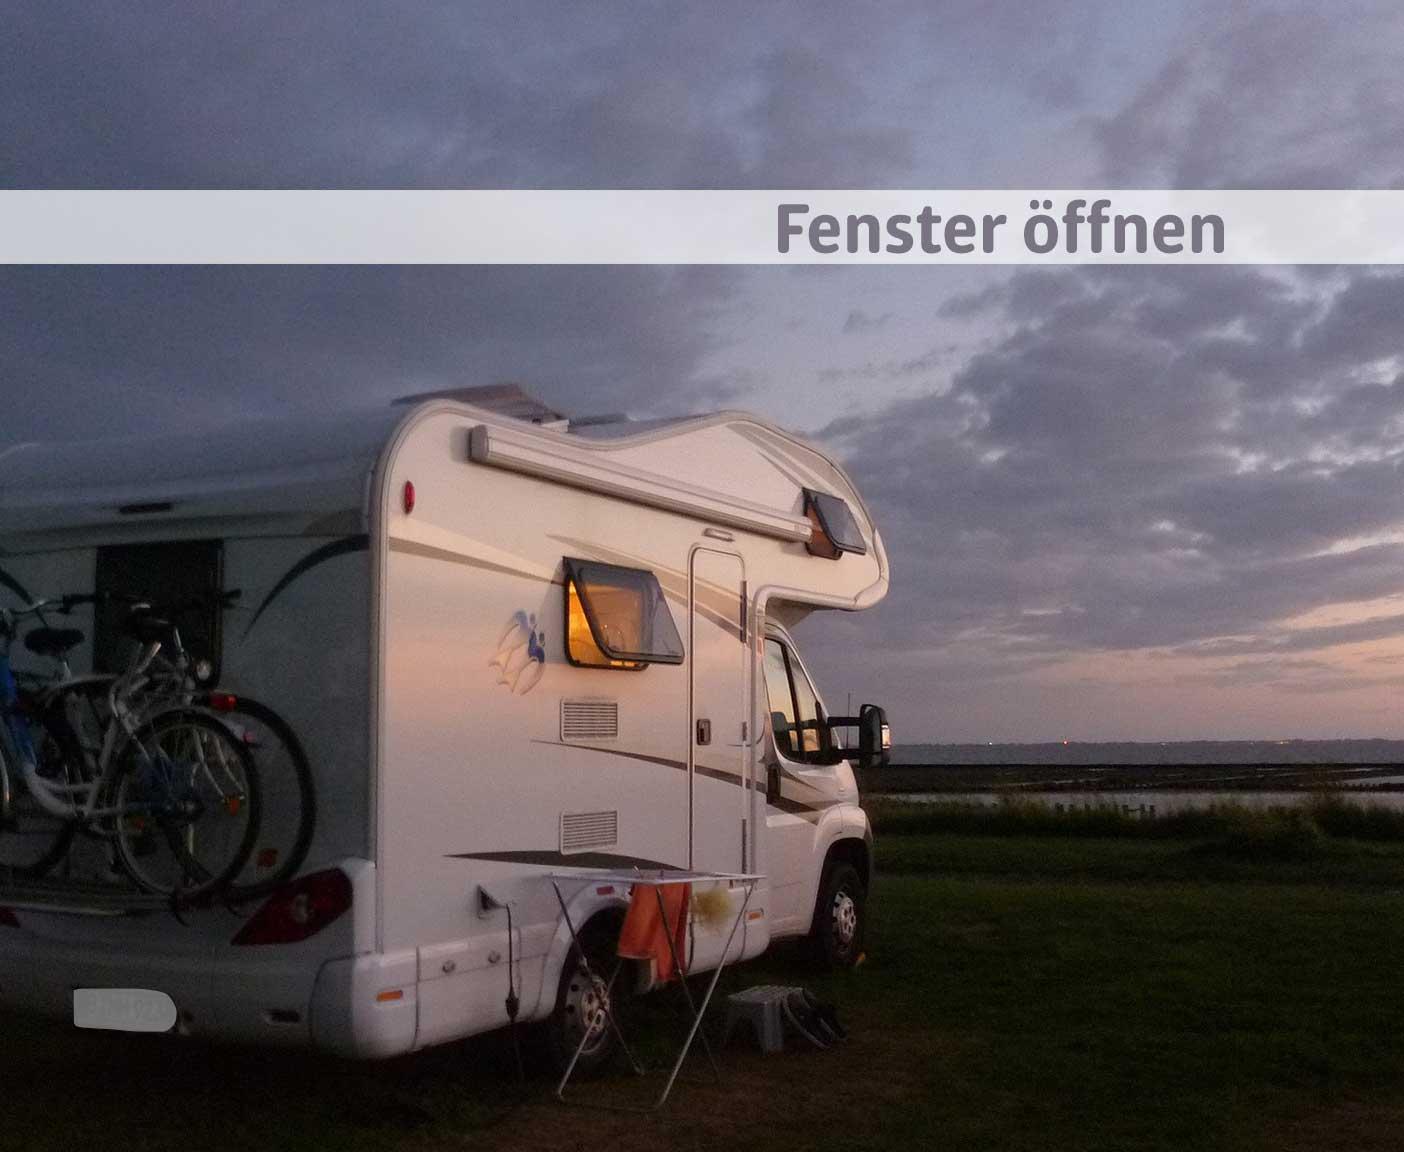 Wohnmobil mit geöffnetem Fenster vor Meer und dunkelblauem Himmel nach dem Sonnenuntergang